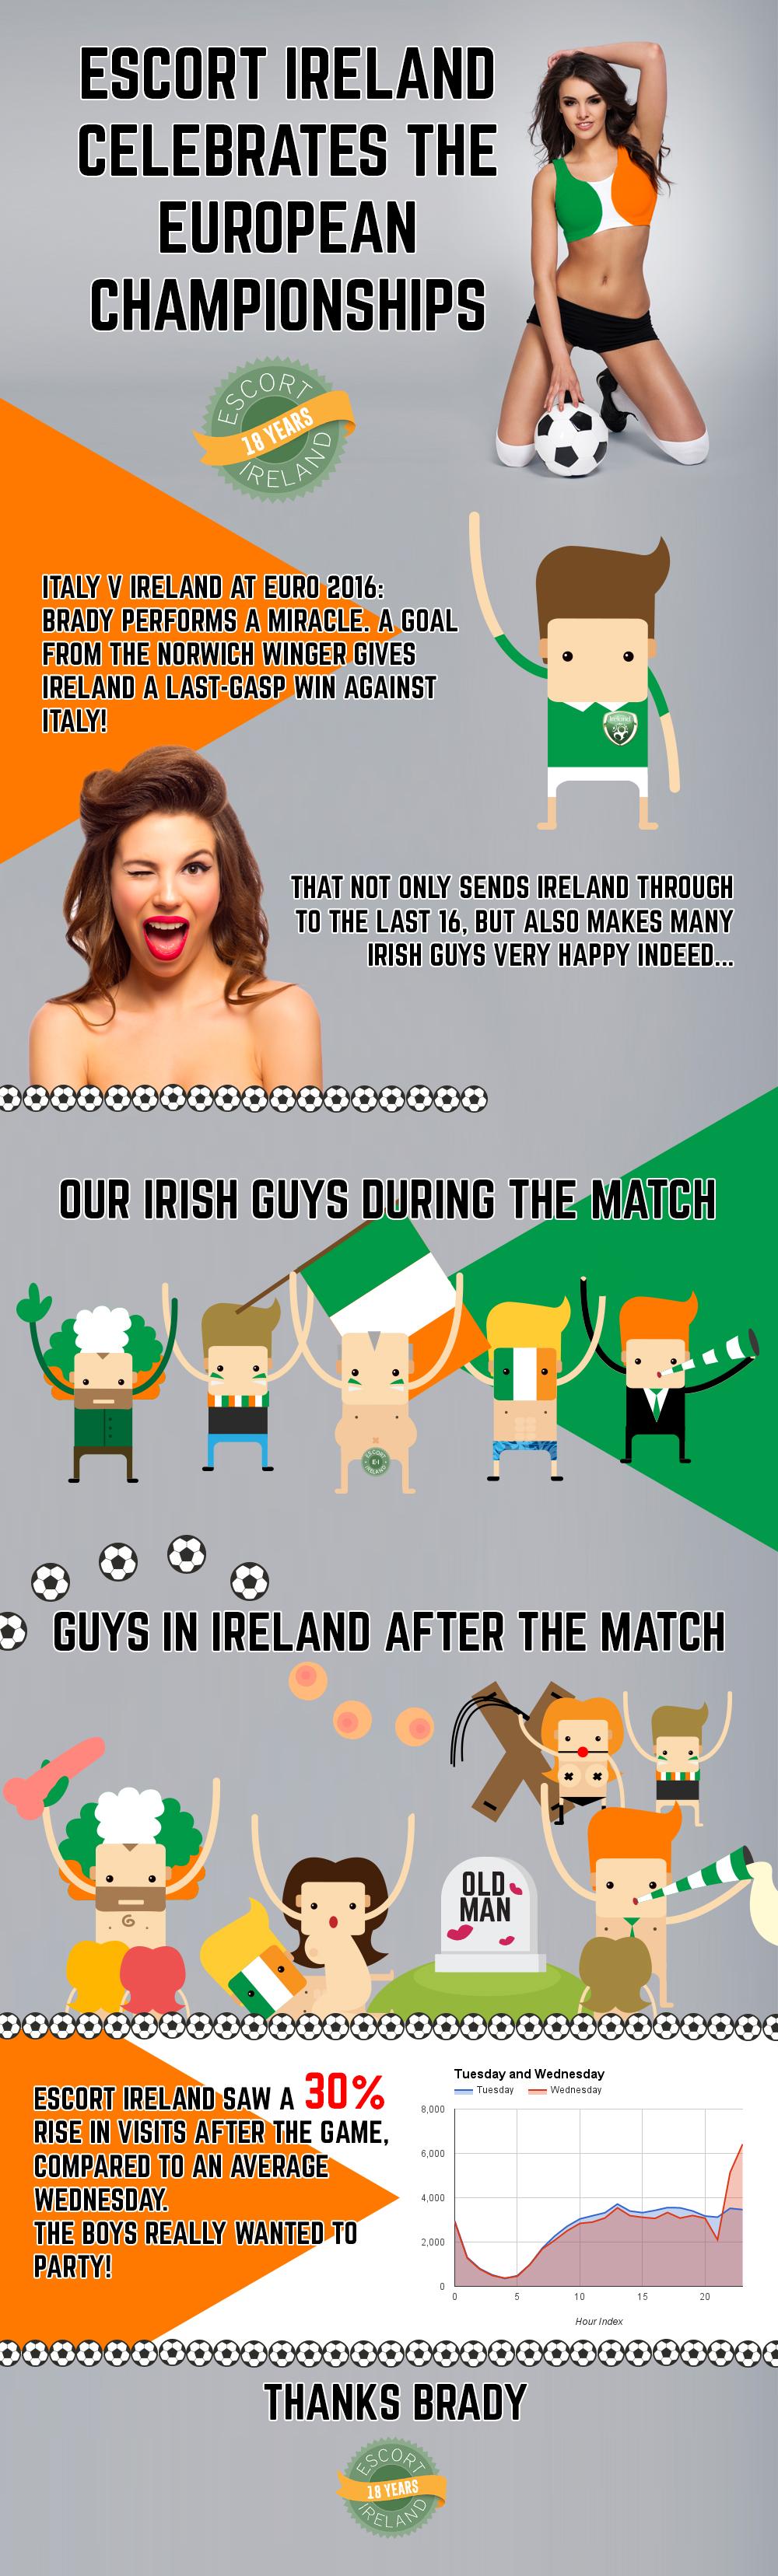 Ireland Euro 2016 infographic